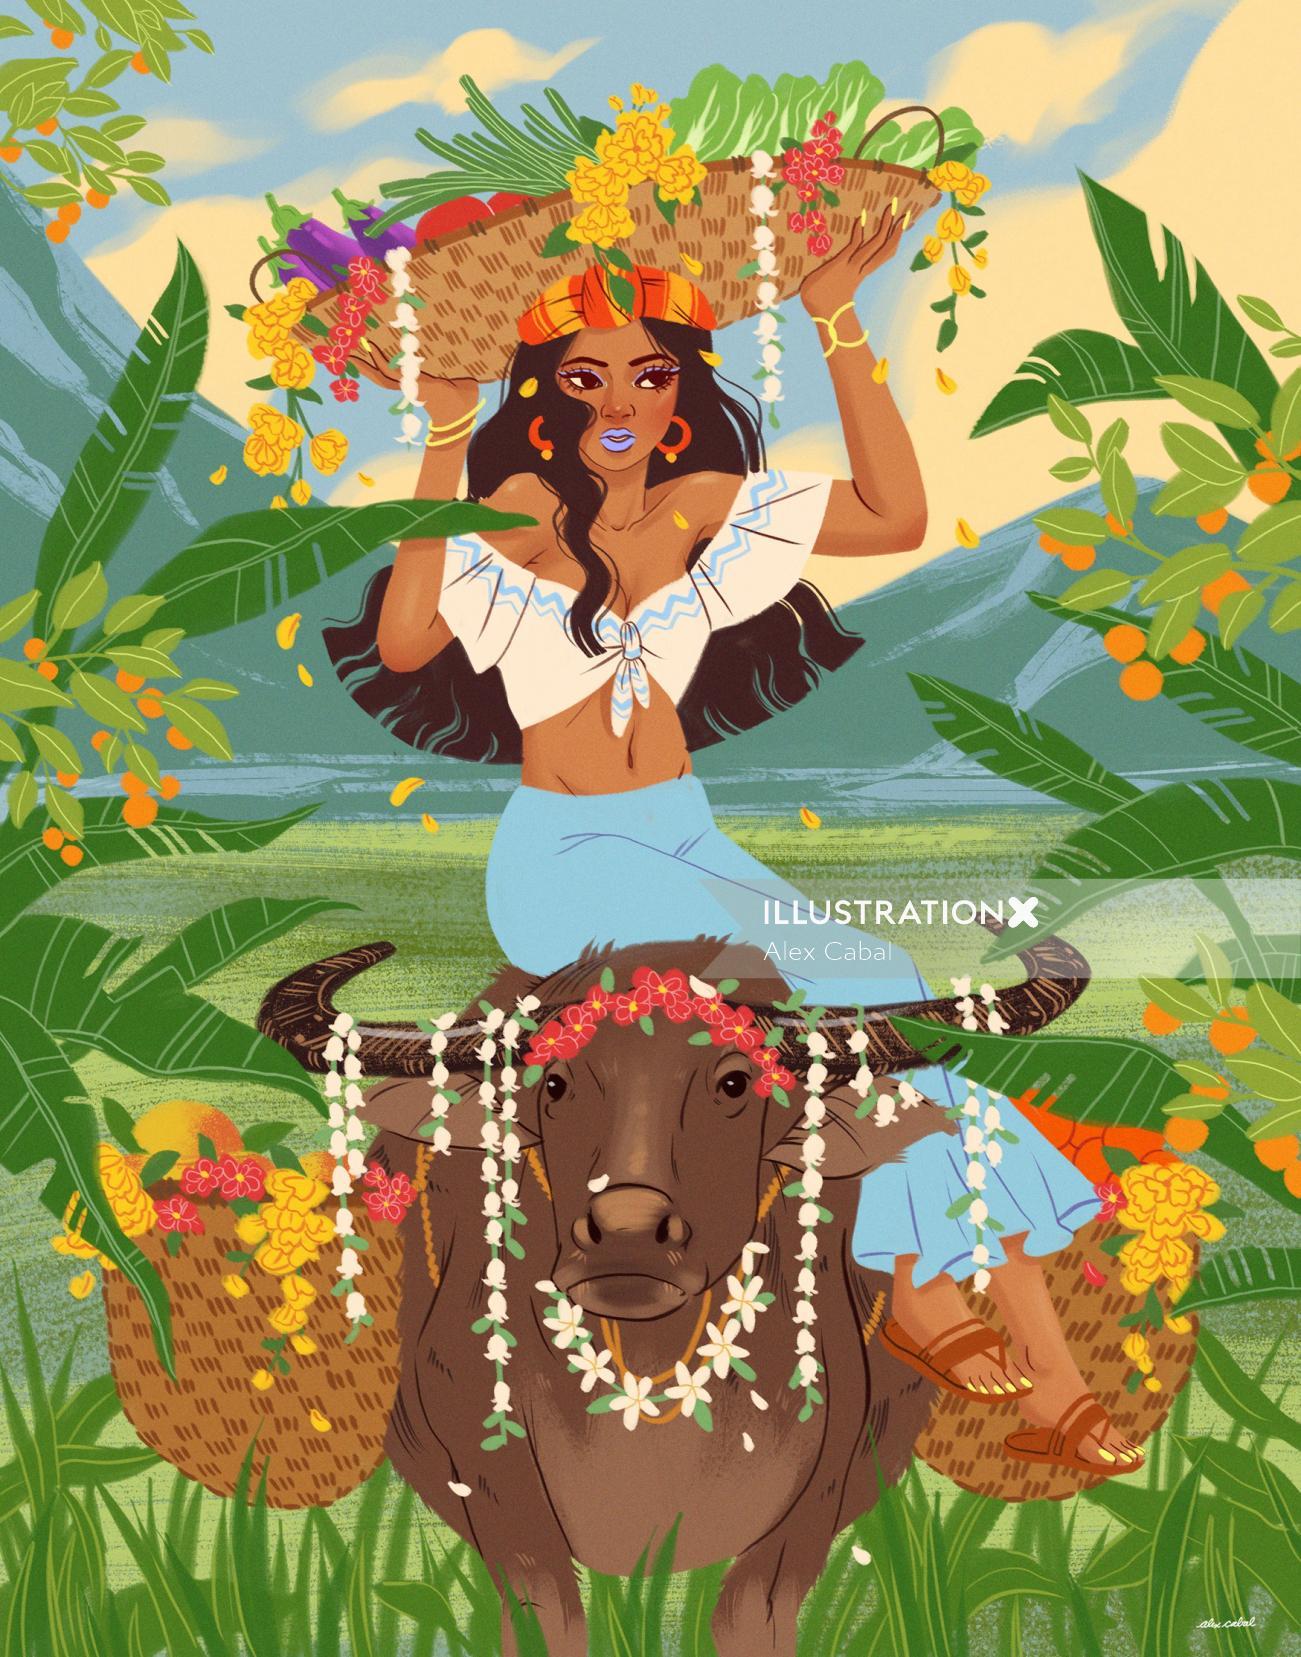 Fashion illustration of fruit girl